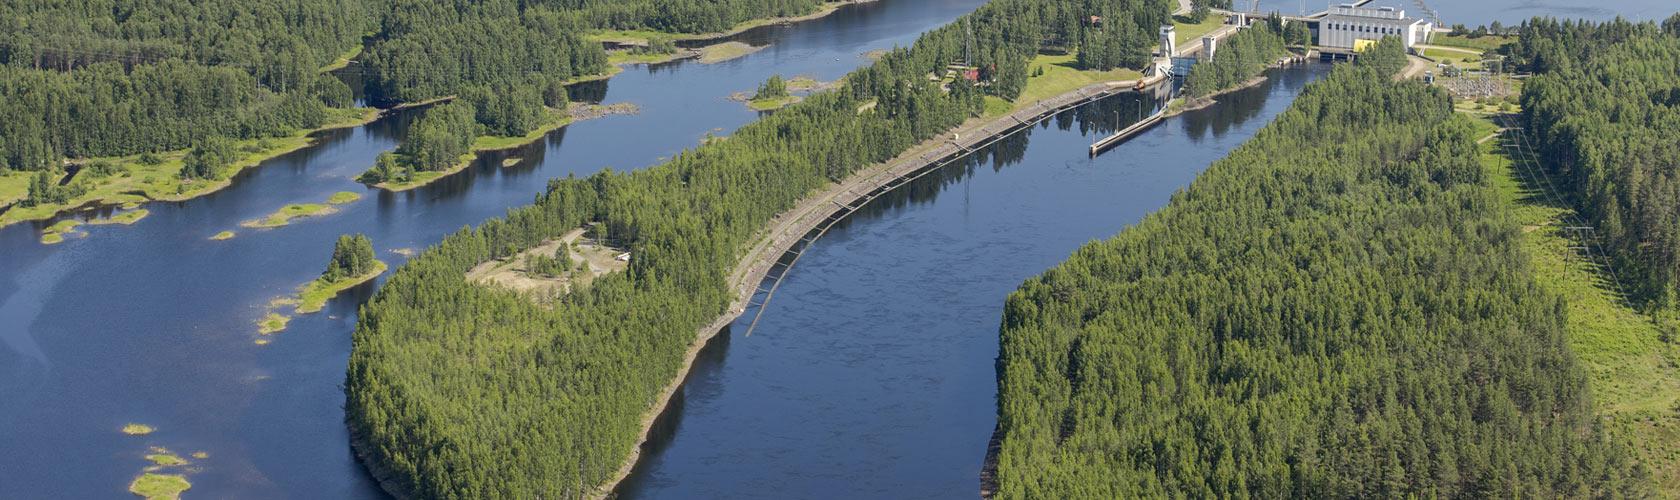 Pohjois-Karjalan Sähkö vuosikertomus 2017 - vastuullisuus